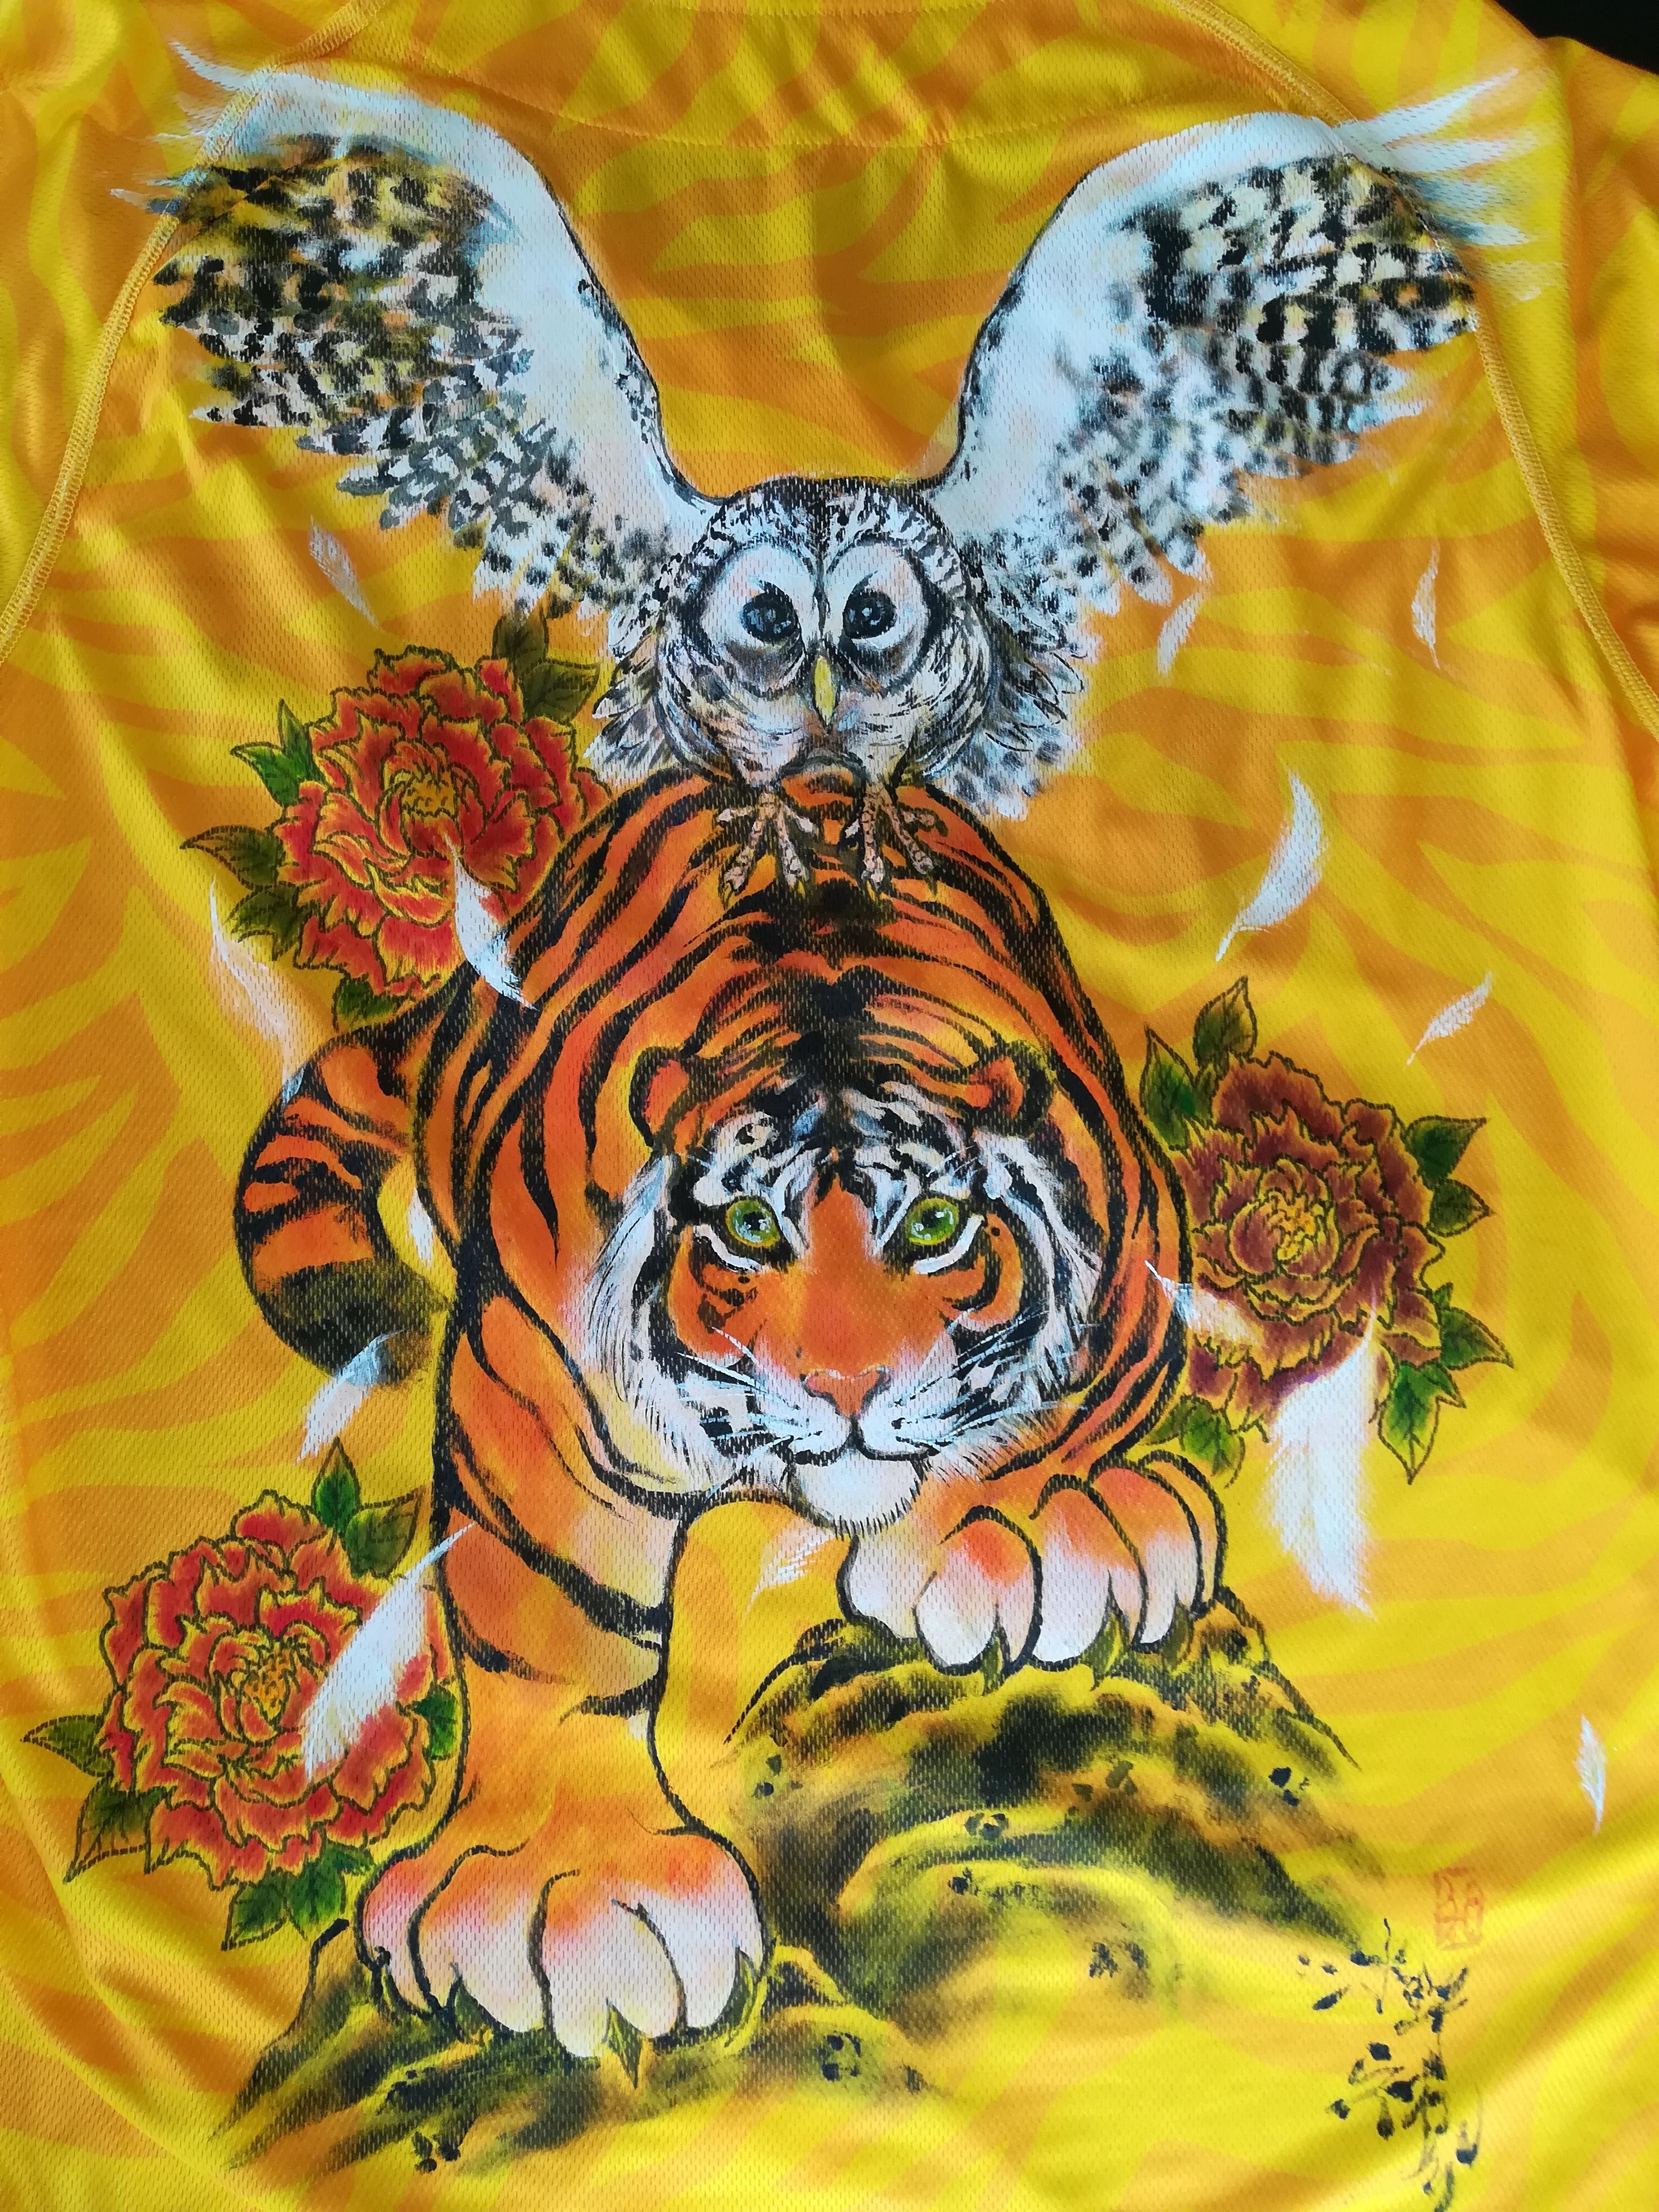 阪神タイガース 手描きユニフォーム 虎と梟